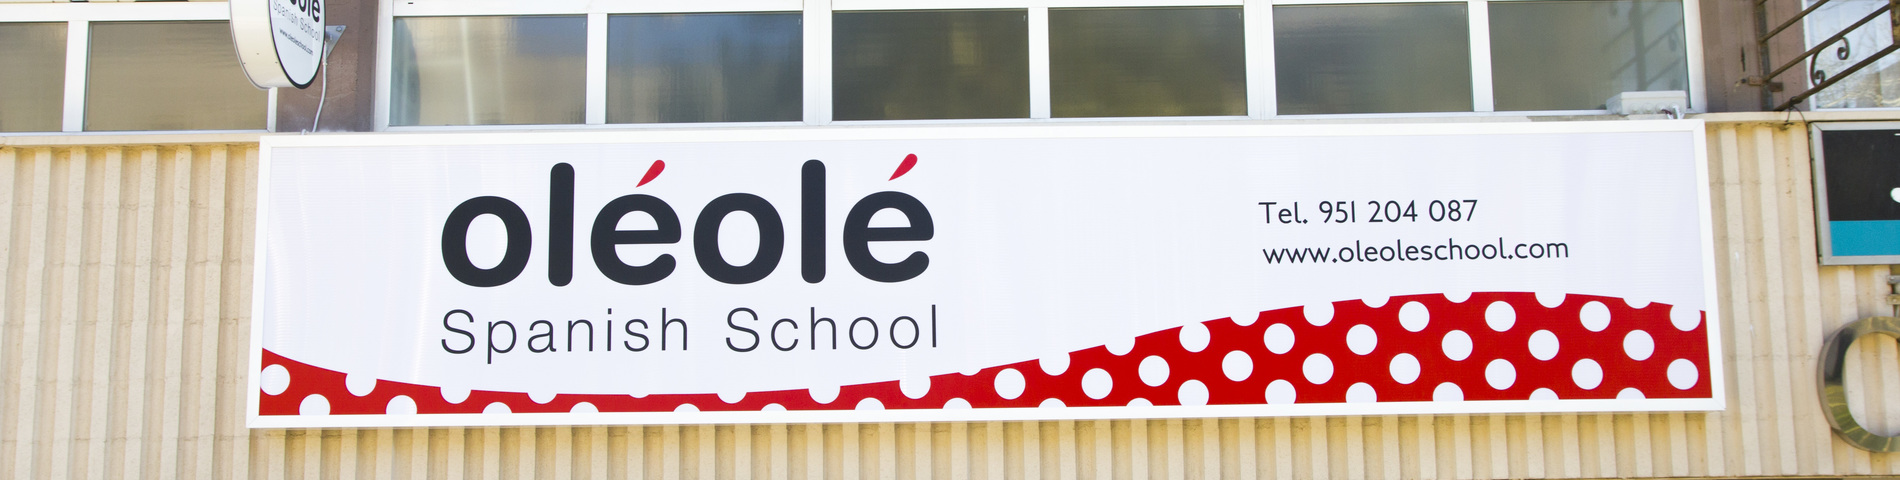 OléOlé Spanish School foto 1